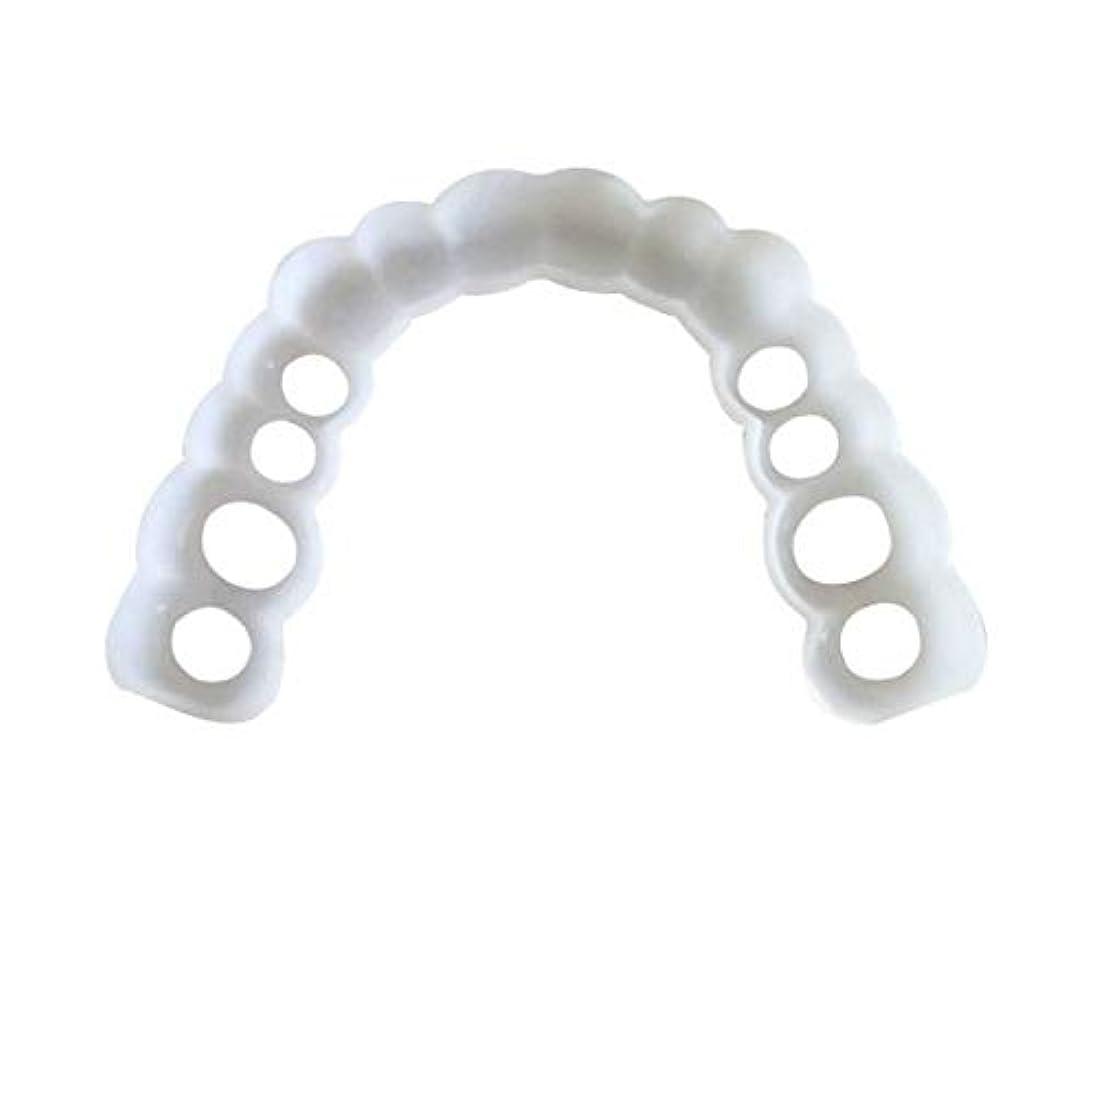 スムーズに治世受け入れた777/5000 1組の一時的な化粧品の歯義歯の歯の化粧品の模擬装具アッパーブレース+ロワーブレース、インスタント快適なフレックスパーフェクトベニア上の歯のスナップキャップ